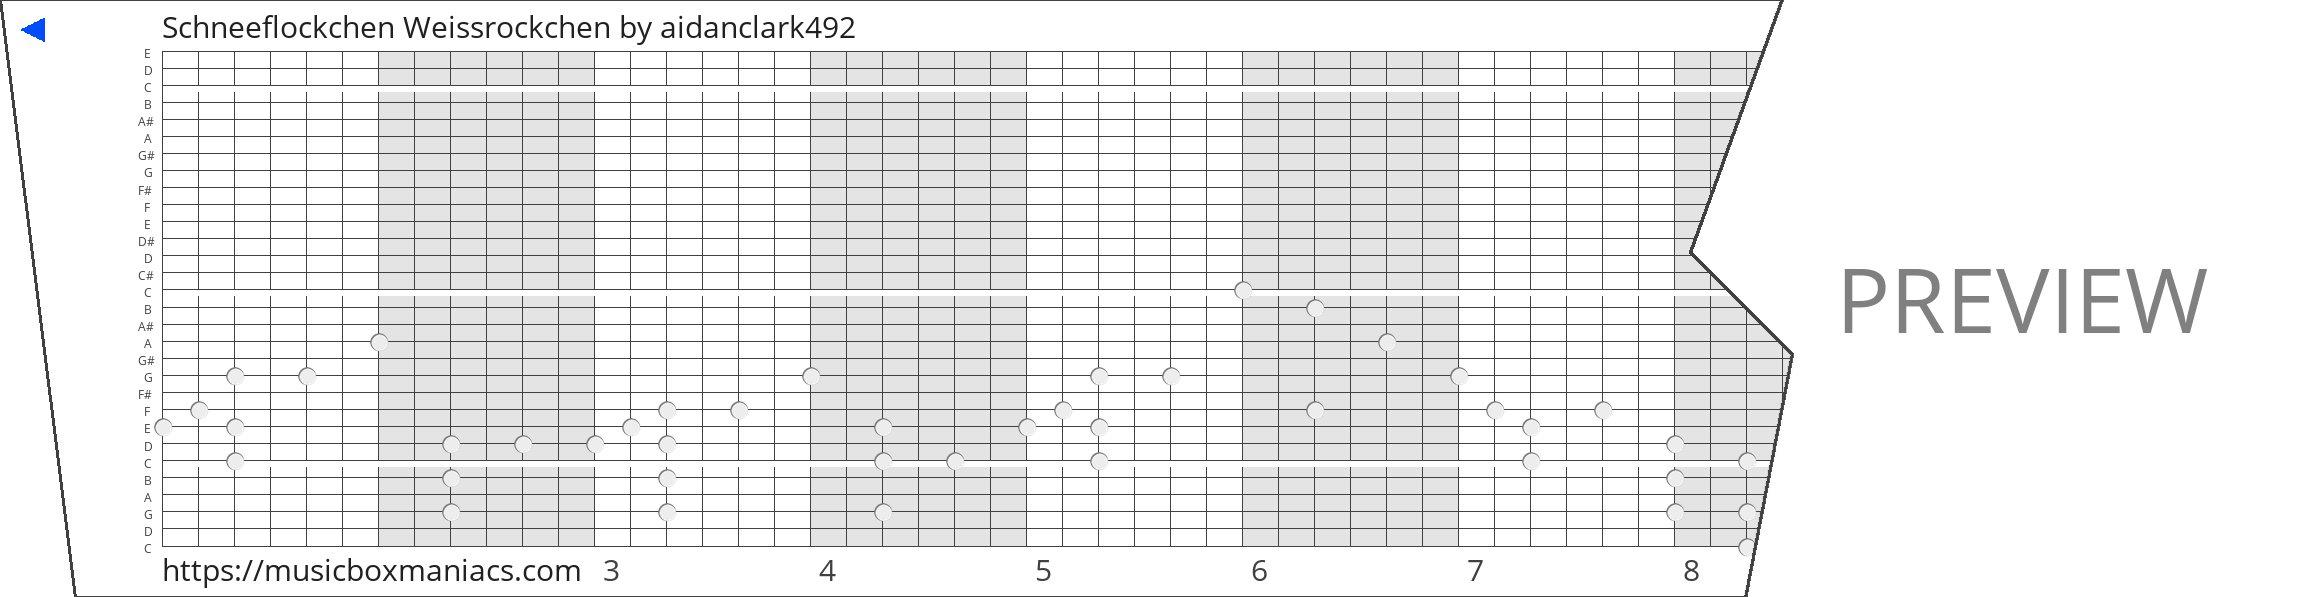 Schneeflockchen Weissrockchen 30 note music box paper strip